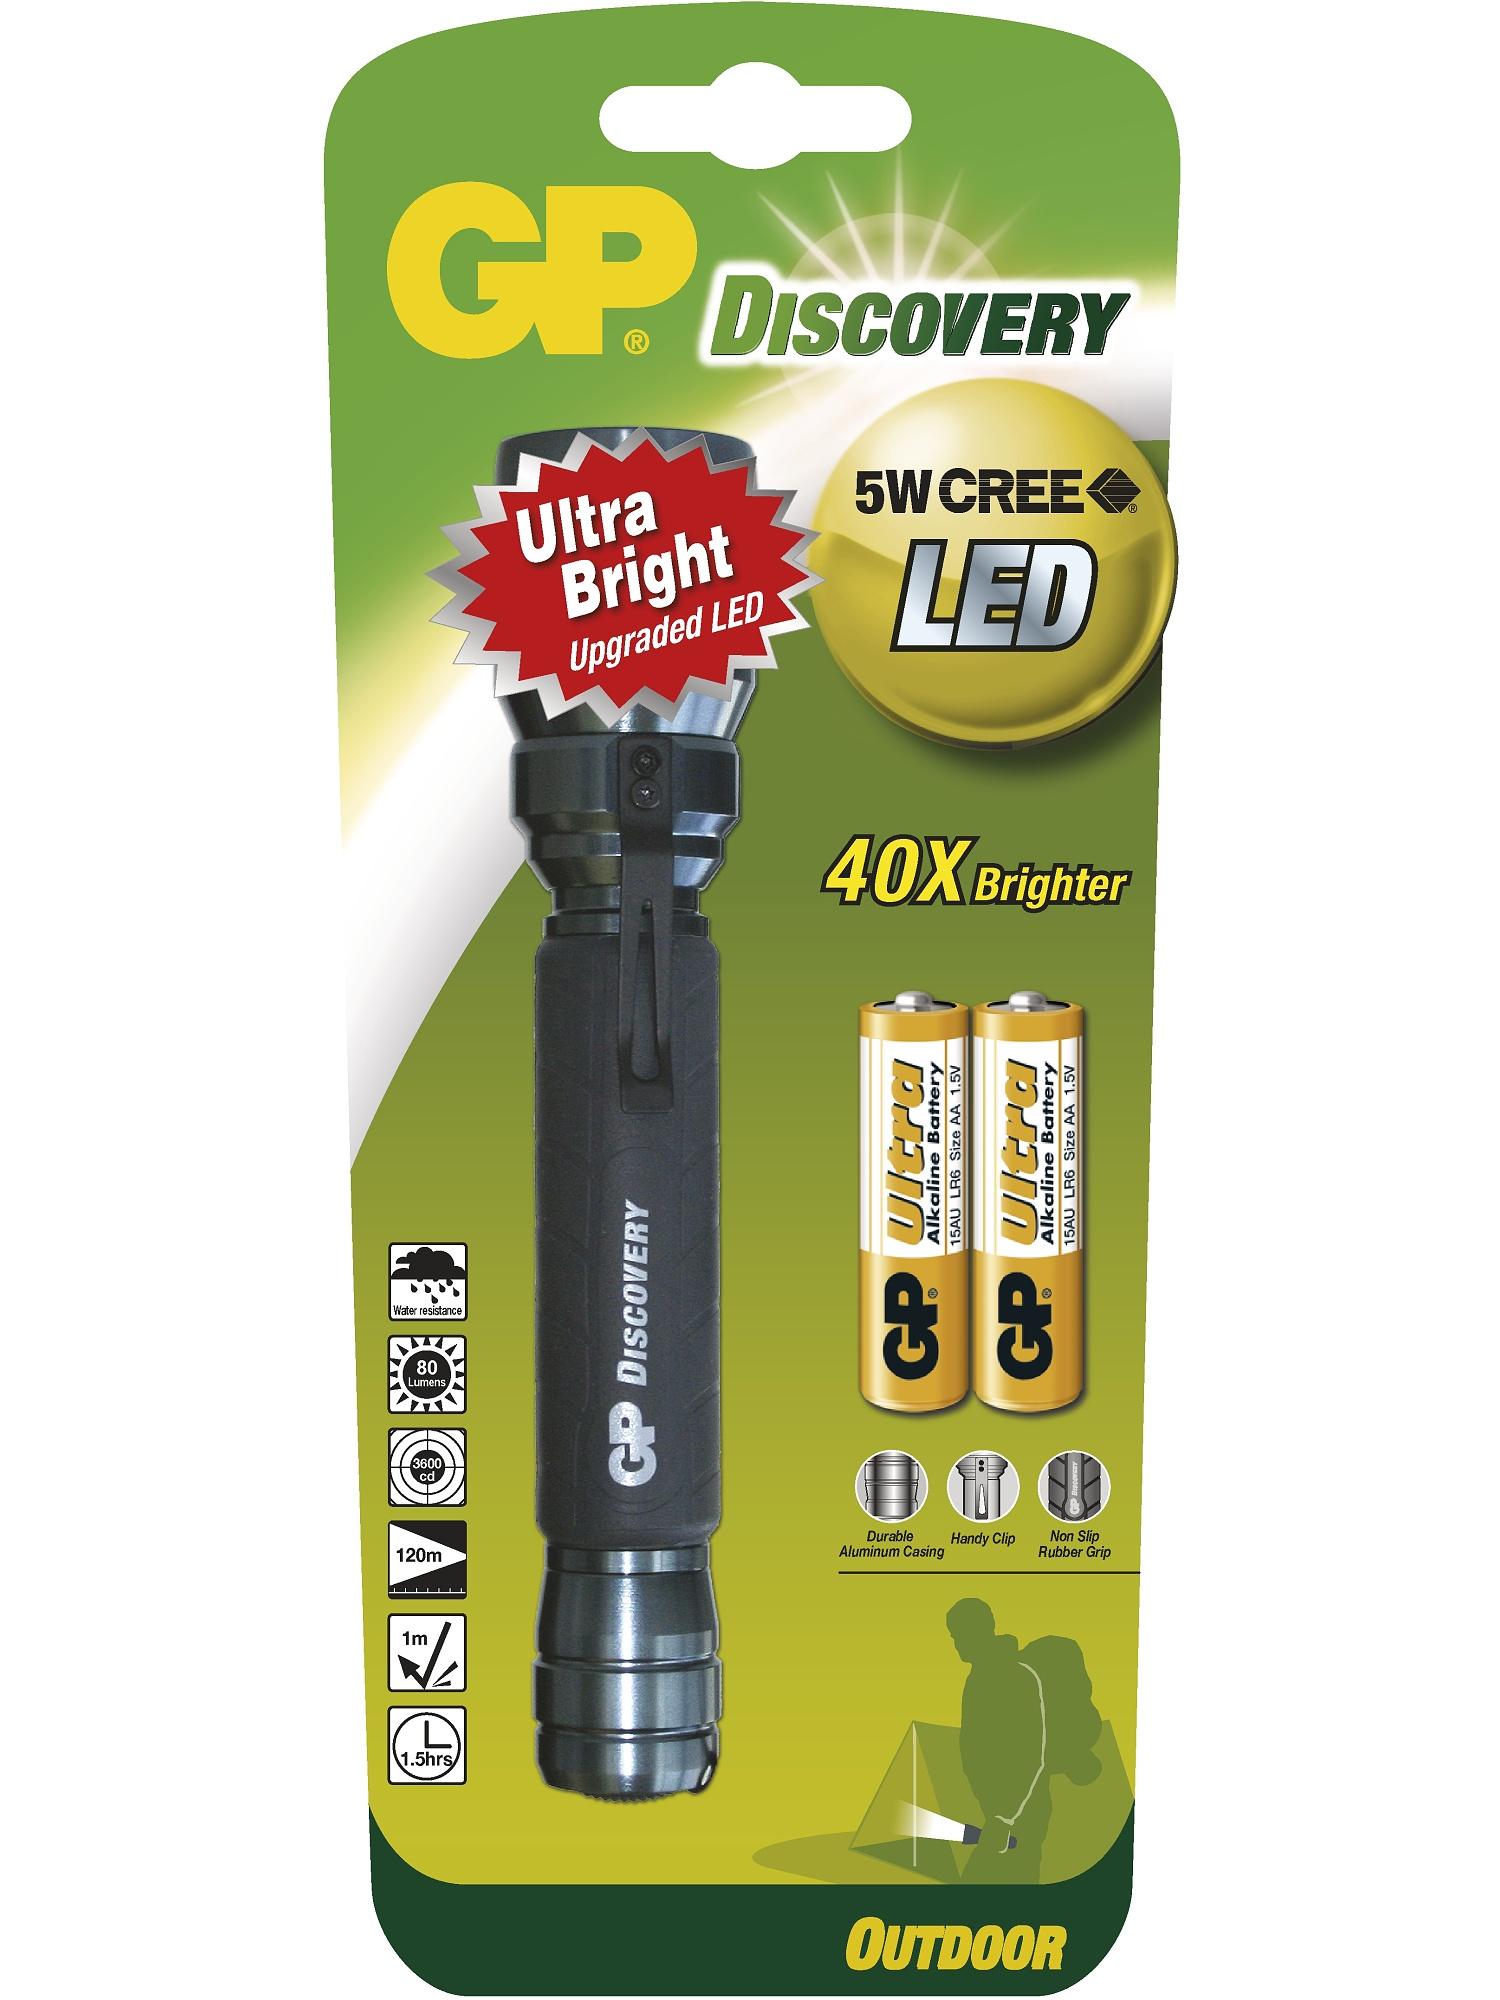 Značková LED svítilna GP LOE102 Discovery Outdoor - 5 Watt CREE LED, 2x AA